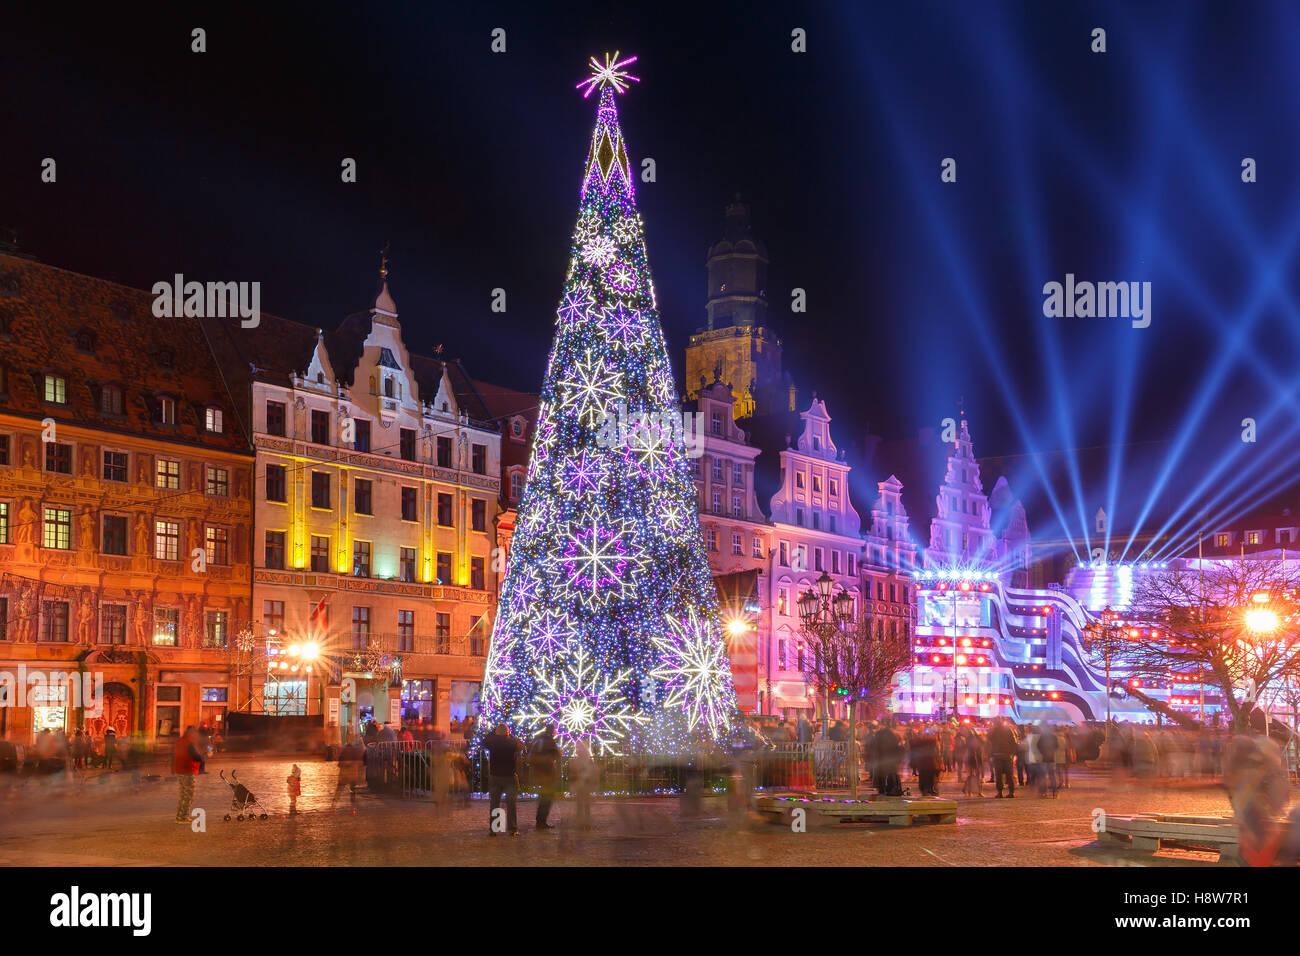 Leichte Laser Show Am Marktplatz, Wroclaw, Polen Stockbild